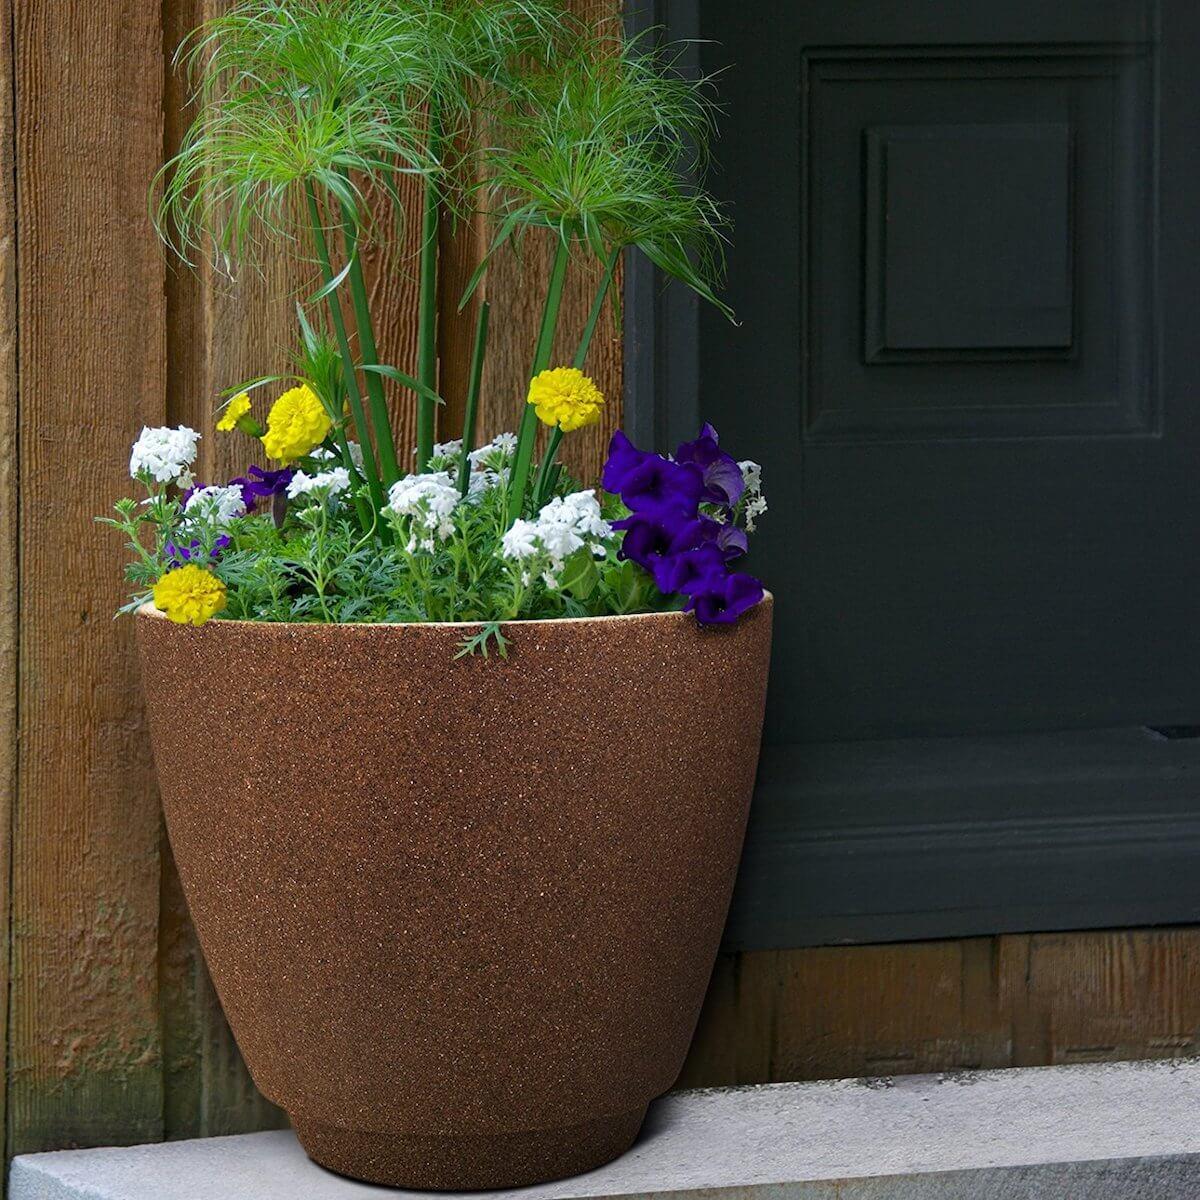 granite brown resin planter